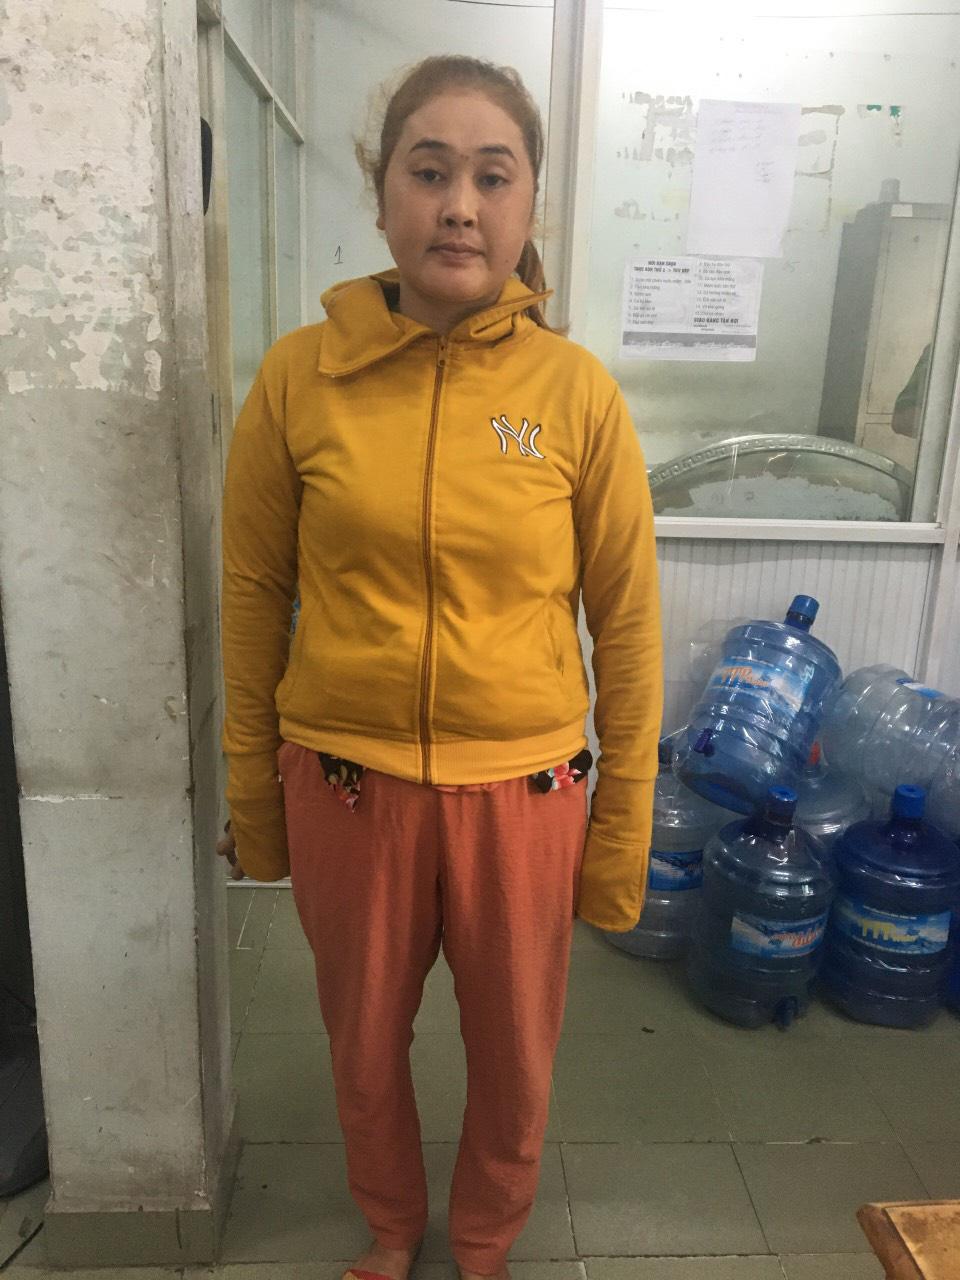 Bắt người phụ nữ dùng vàng dỏm để đi cầm cố tiệm vàng, lừa đảo hàng trăm triệu đồng ở Sài Gòn - Ảnh 1.